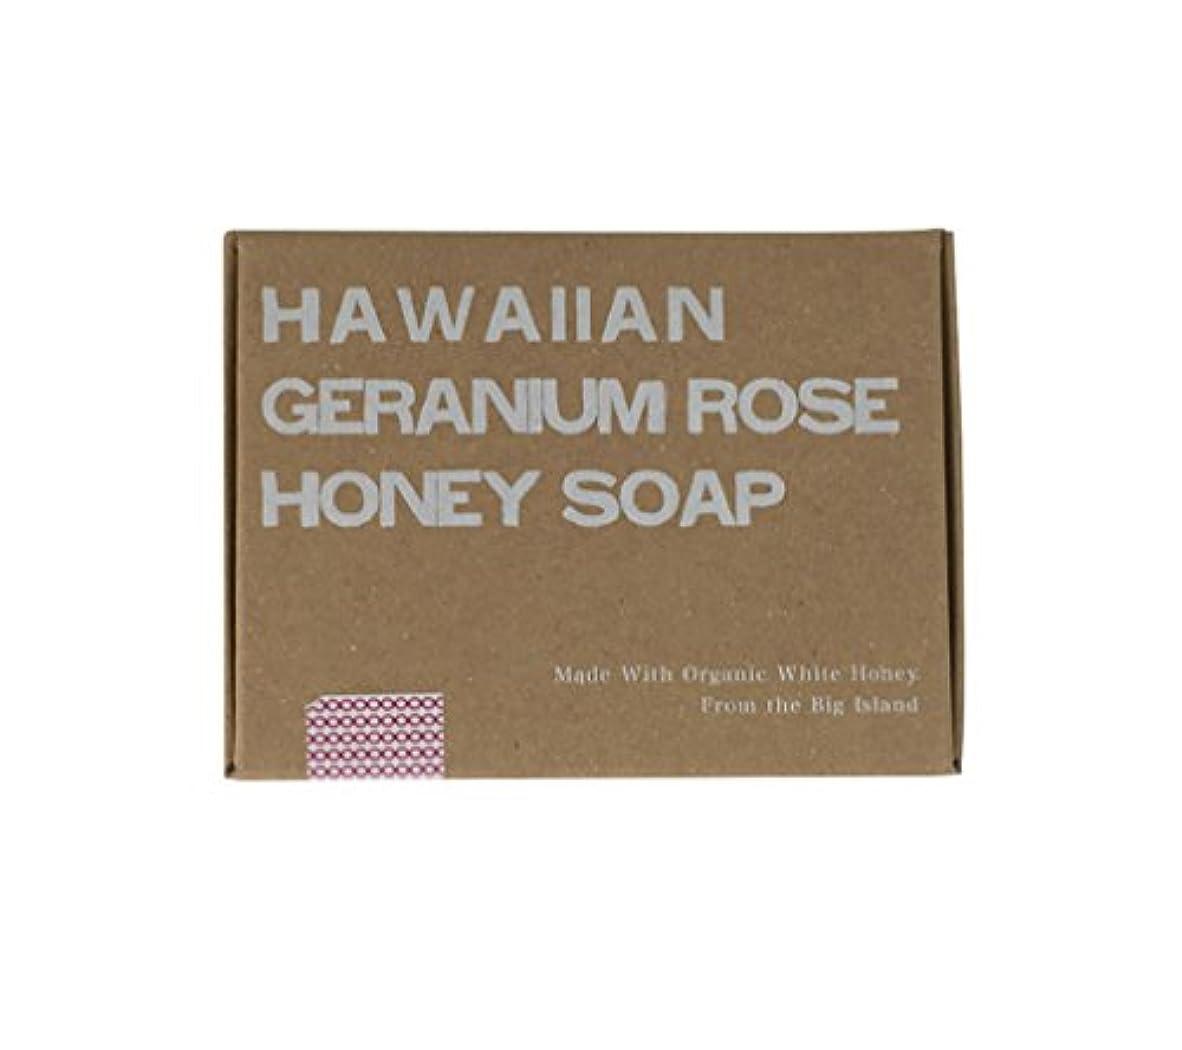 リアル趣味大学院ホワイトハニーオーガニクス ハワイアン?ゼラニウムローズ?ハニーソープ (Hawaiian Geranium Rose Honey Soap)